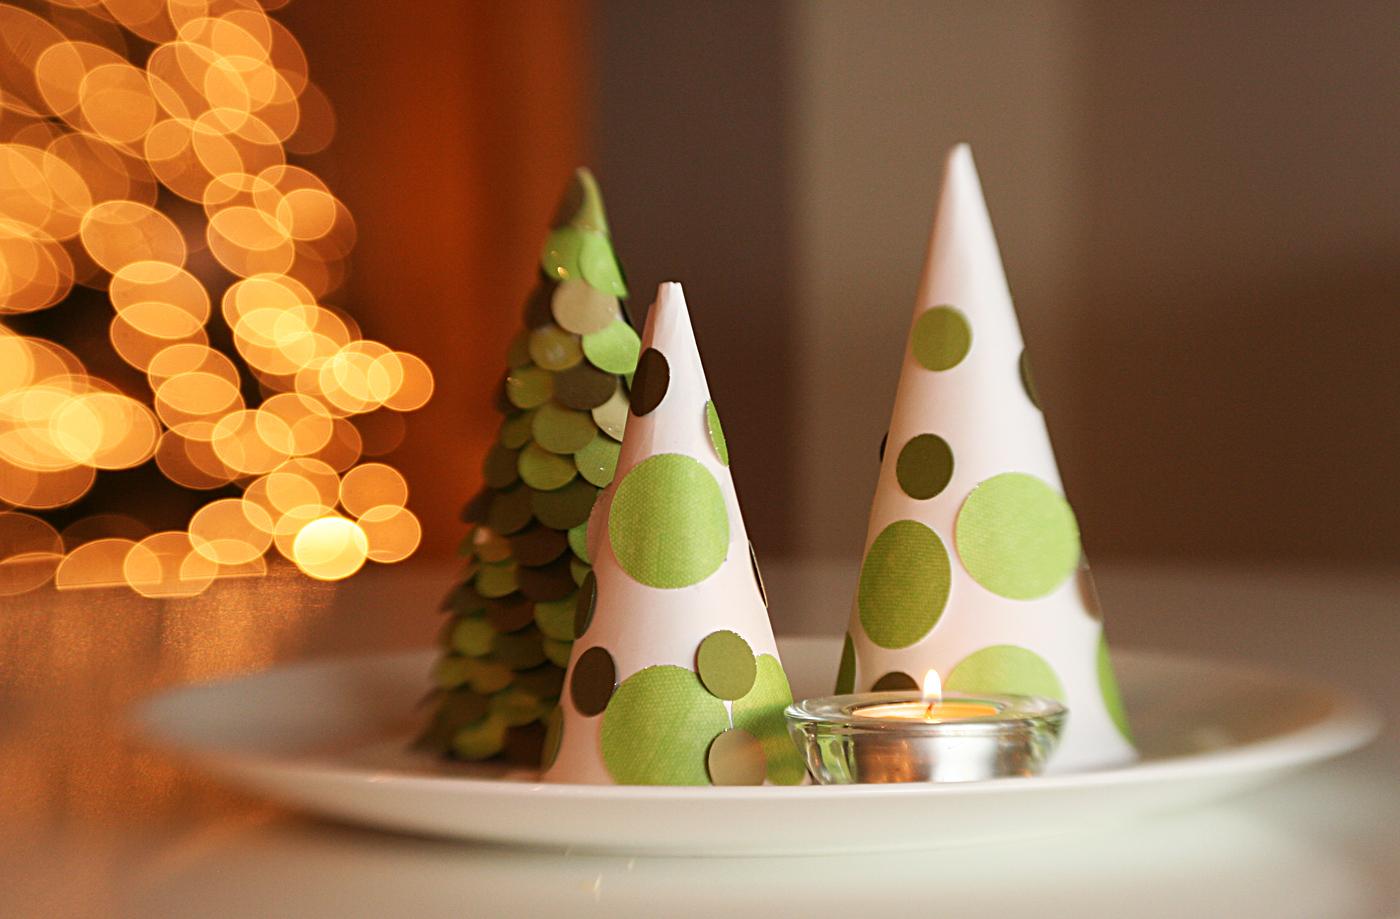 手作りクリスマスツリーに挑戦!まねしたくなる素敵なアイデア40選!のサムネイル画像